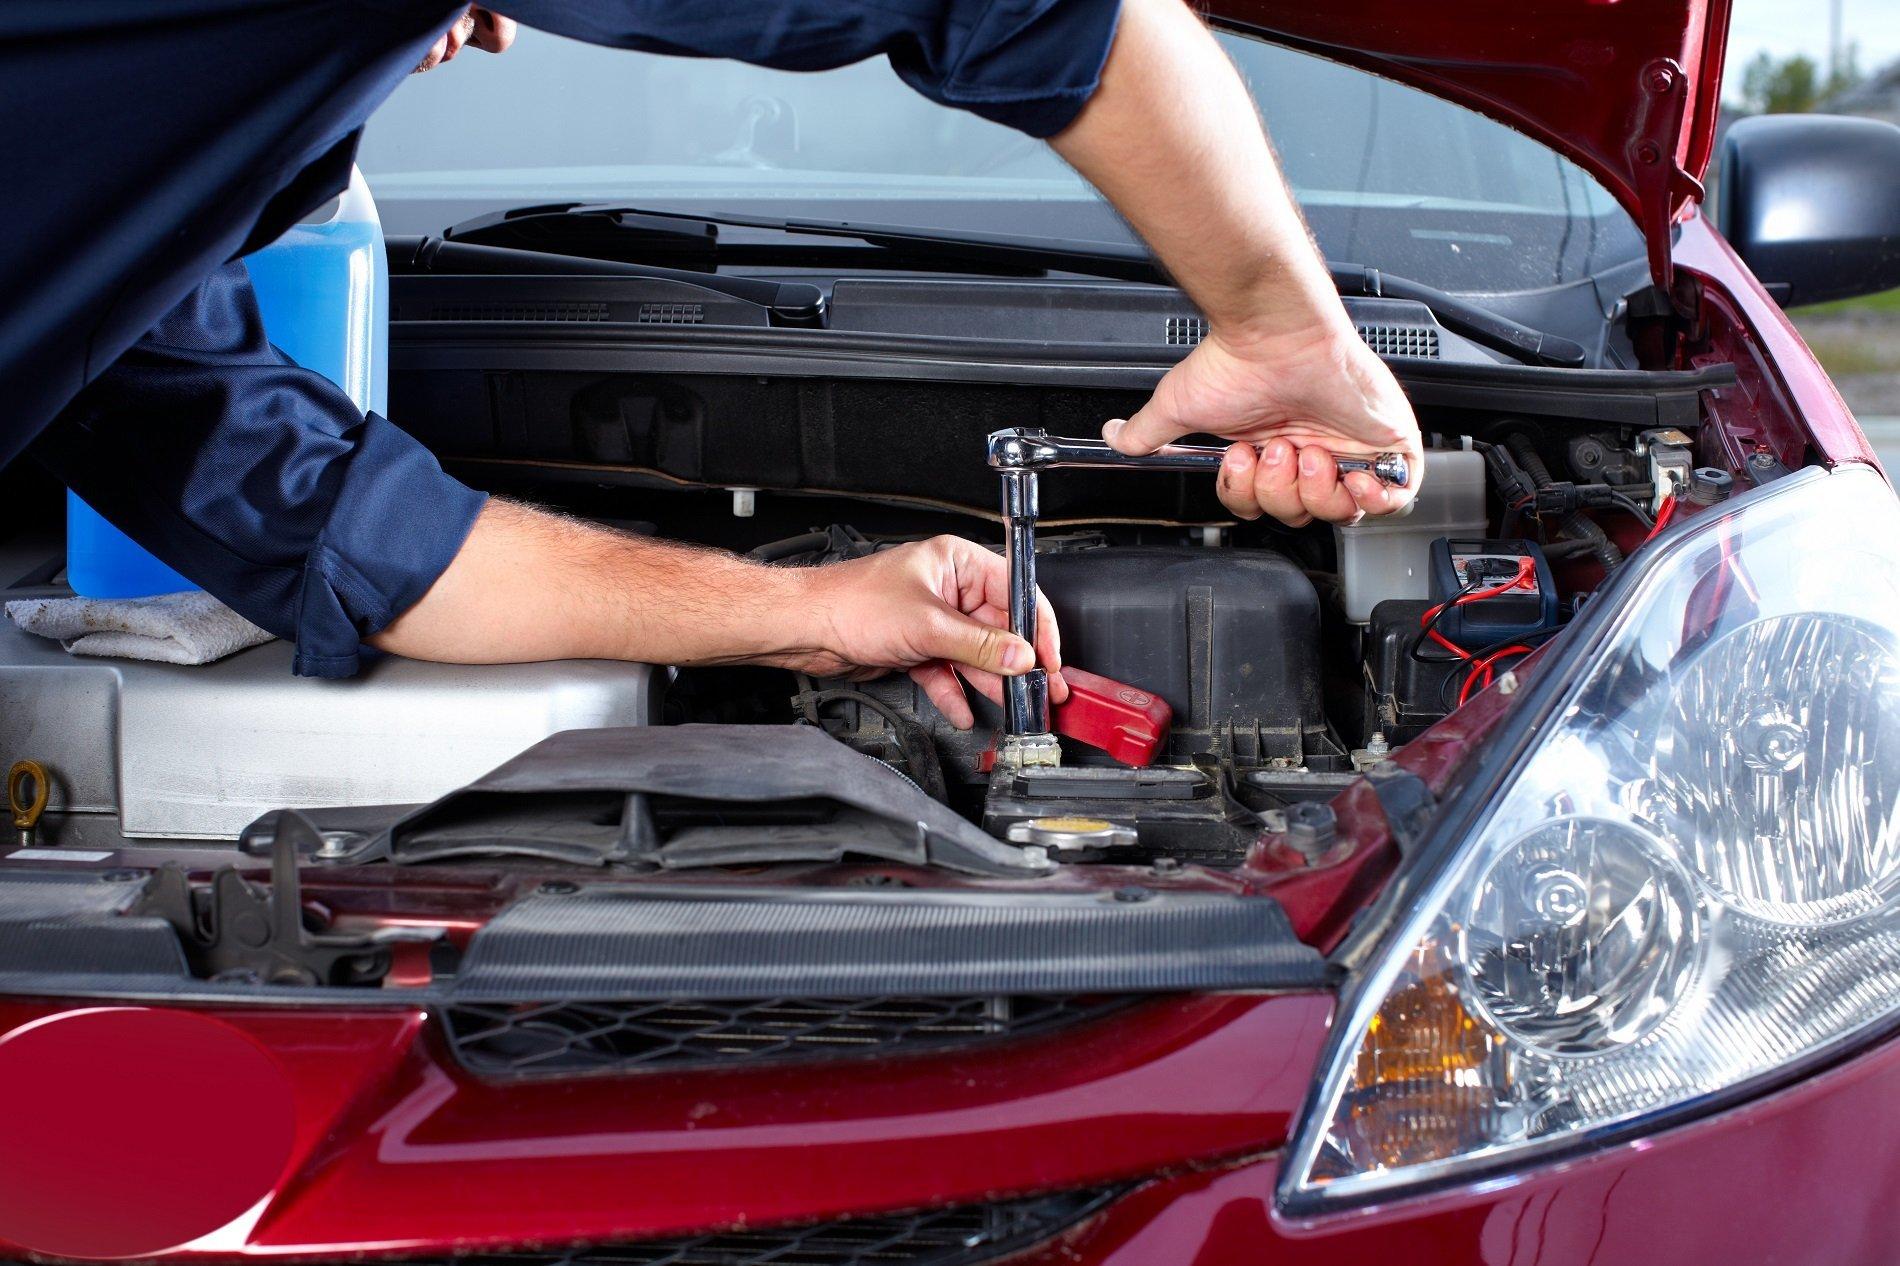 meccanico sistema un motore auto